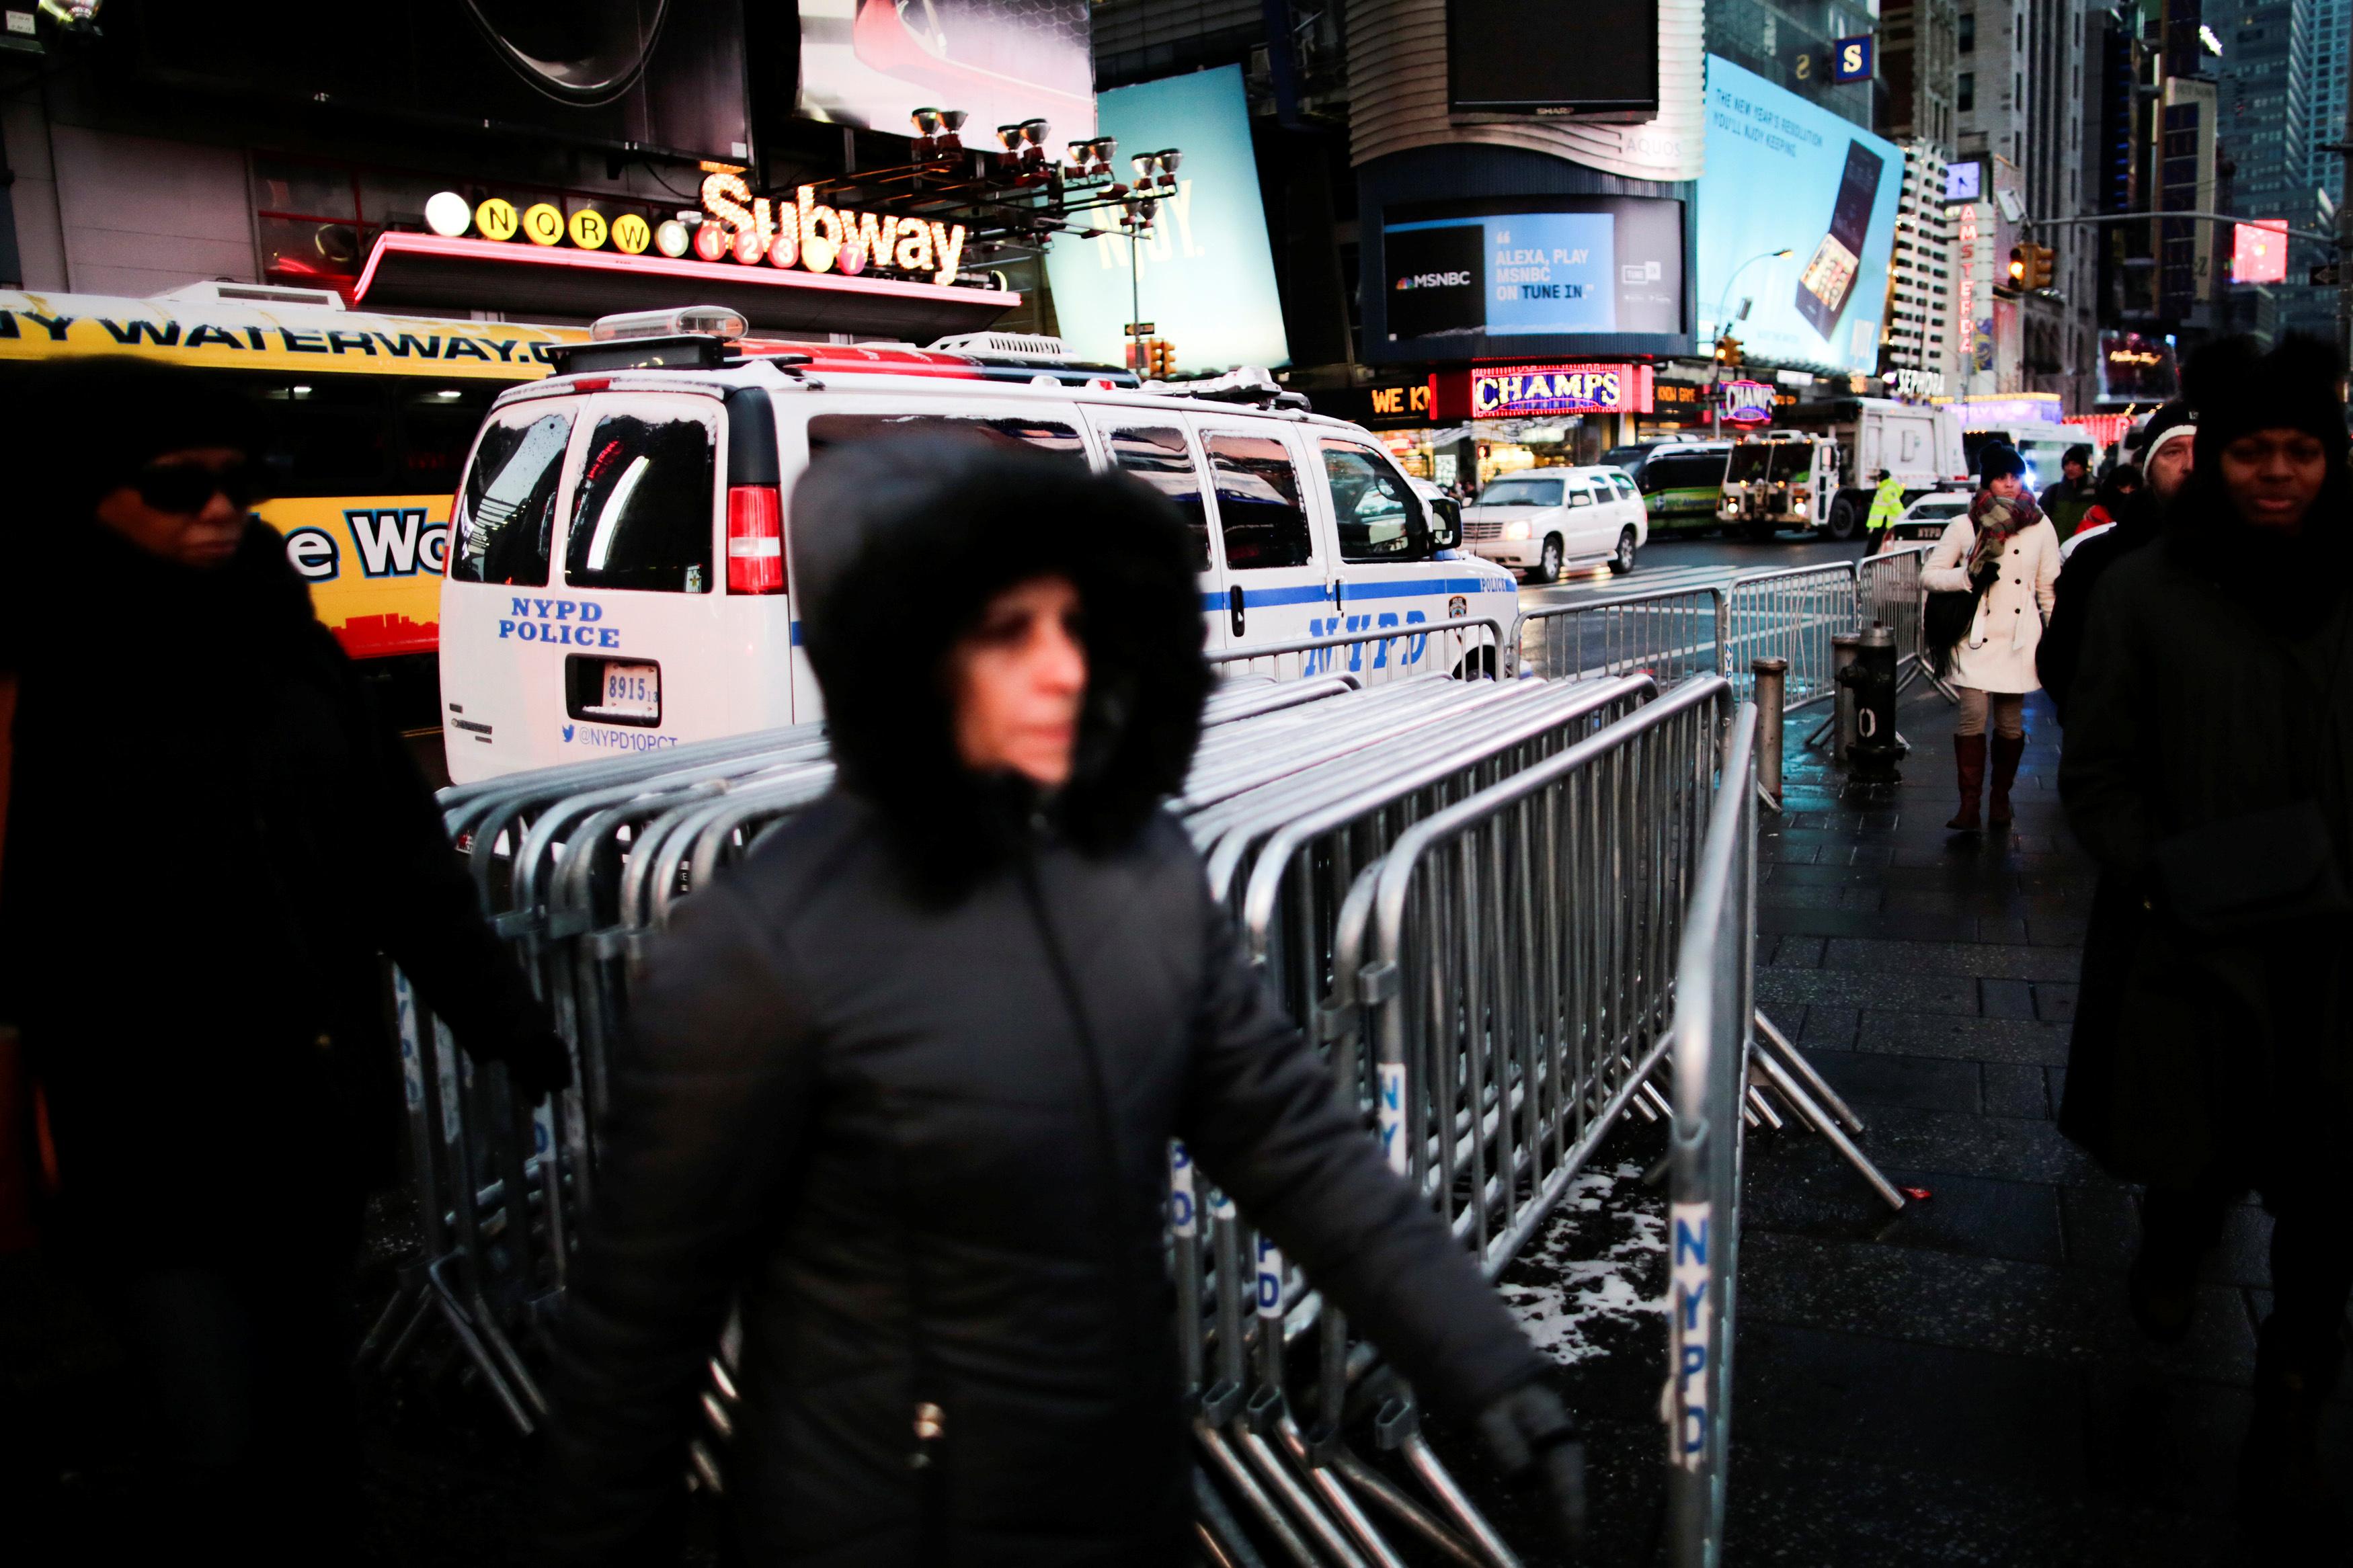 متاريس حديدية فى شوارع نيويورك